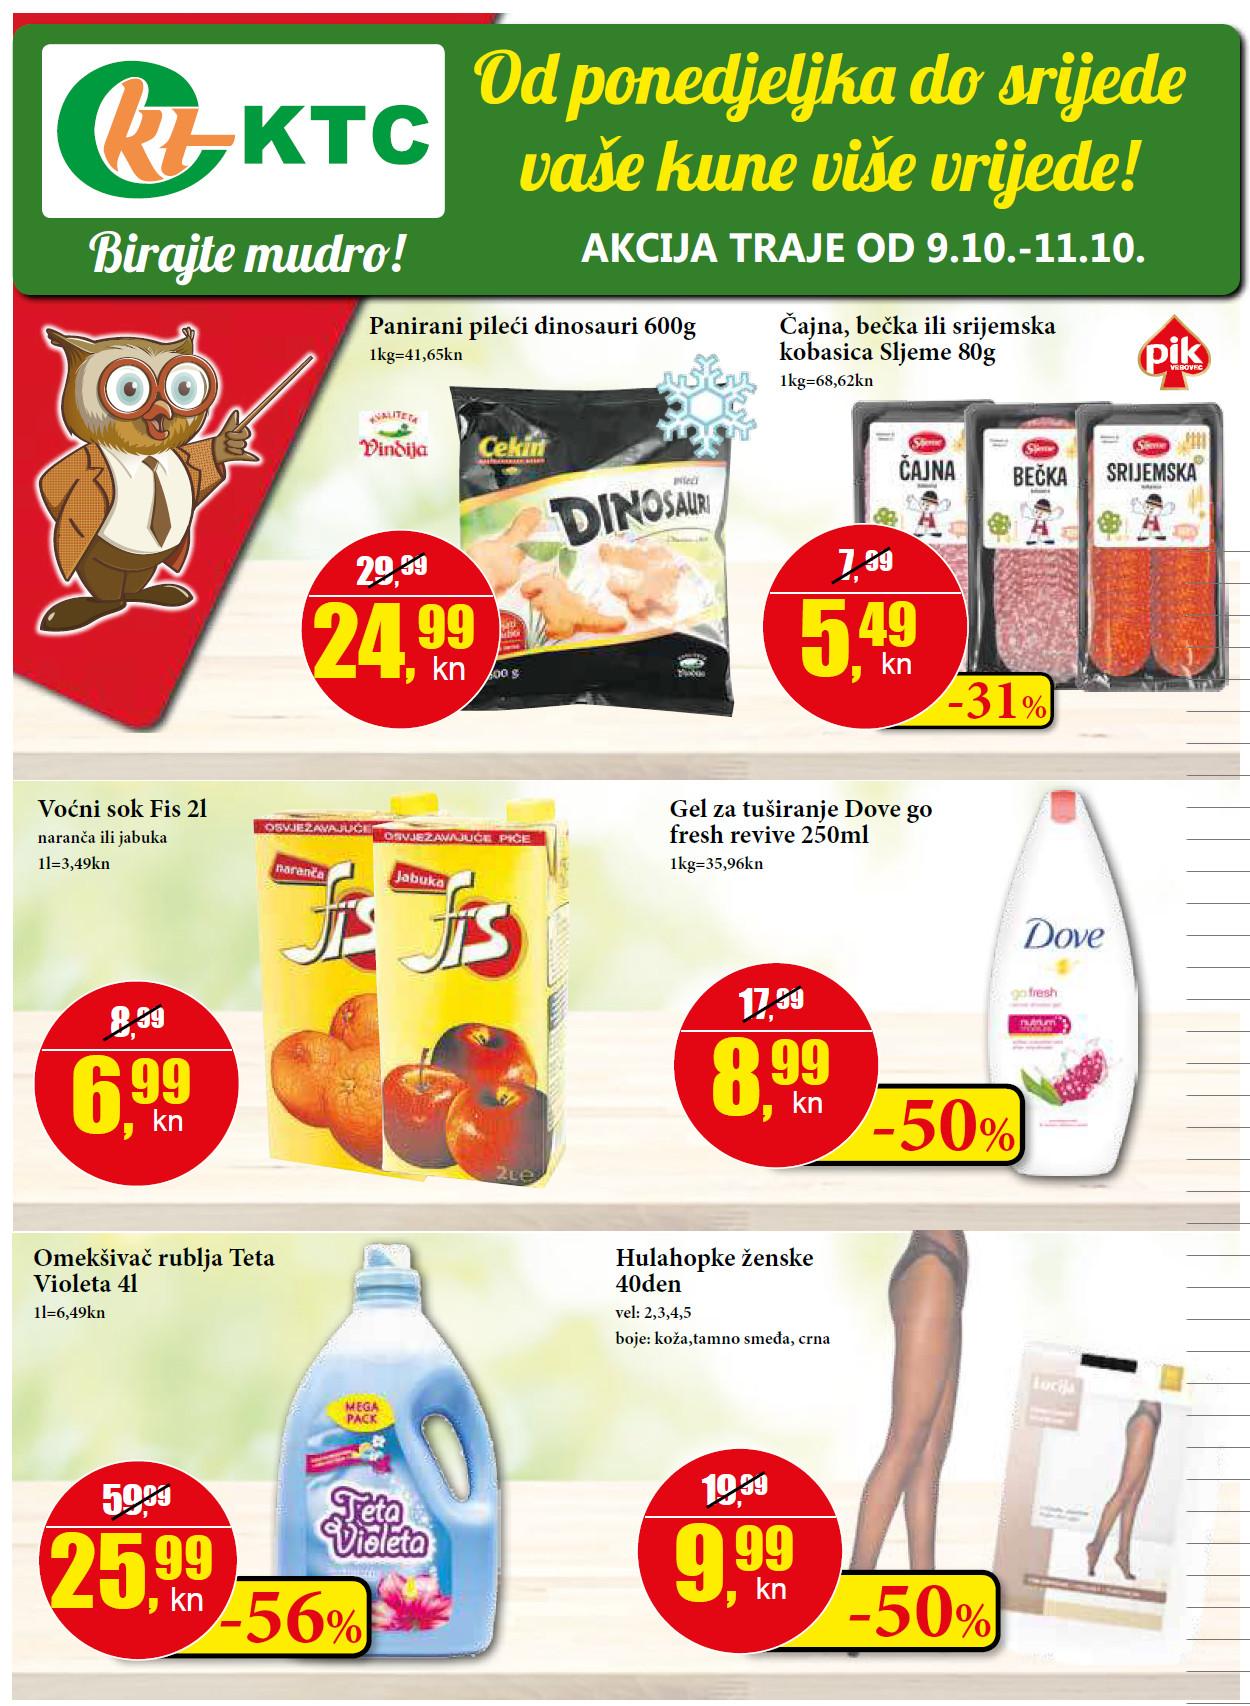 Od ponedeljka do srijede vaše kune više vrijede!  Top ponuda za početak tjedna od 09.- 11.10.2017. u KTC supermarketima.